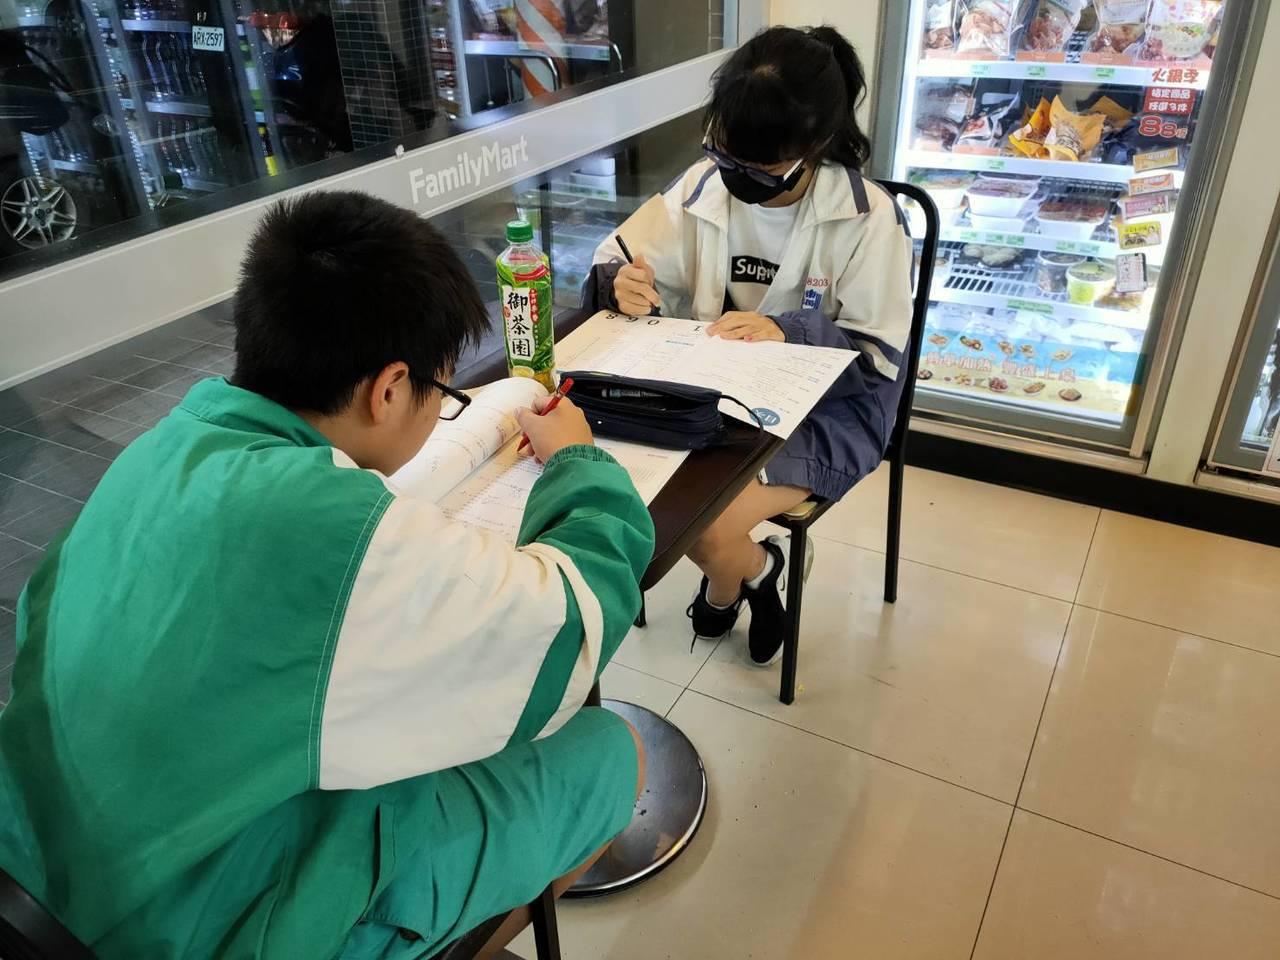 台東縣部分超商因鄰近學校,放學後常見國中小學生到超商寫功課,等父母下班後來接,形...